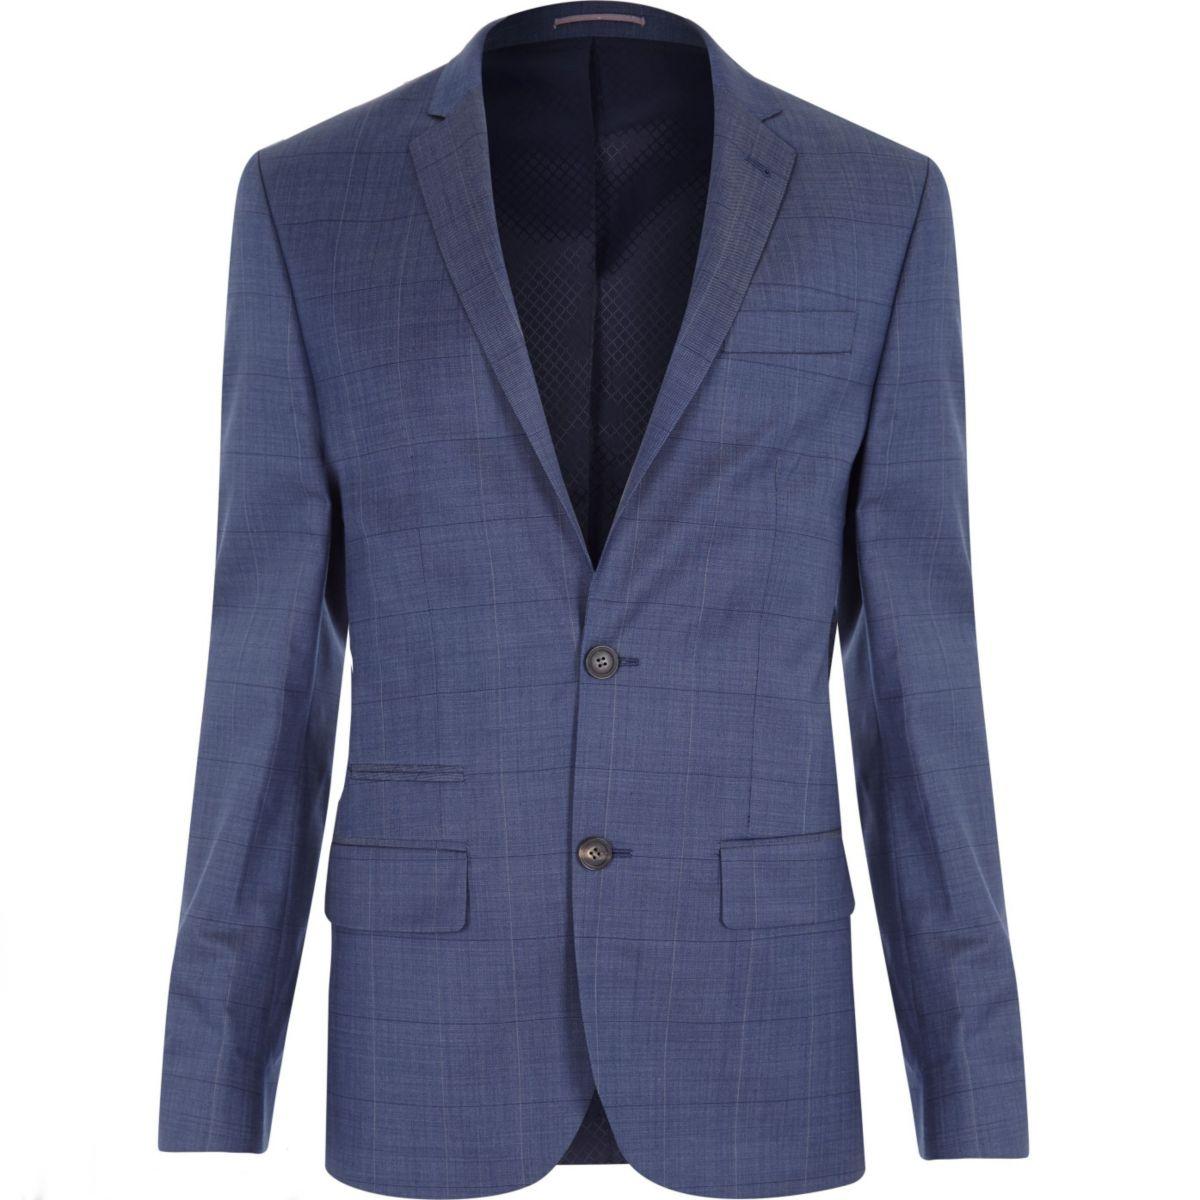 Hellblaue Slim Fit Anzugsjacke mit Karos